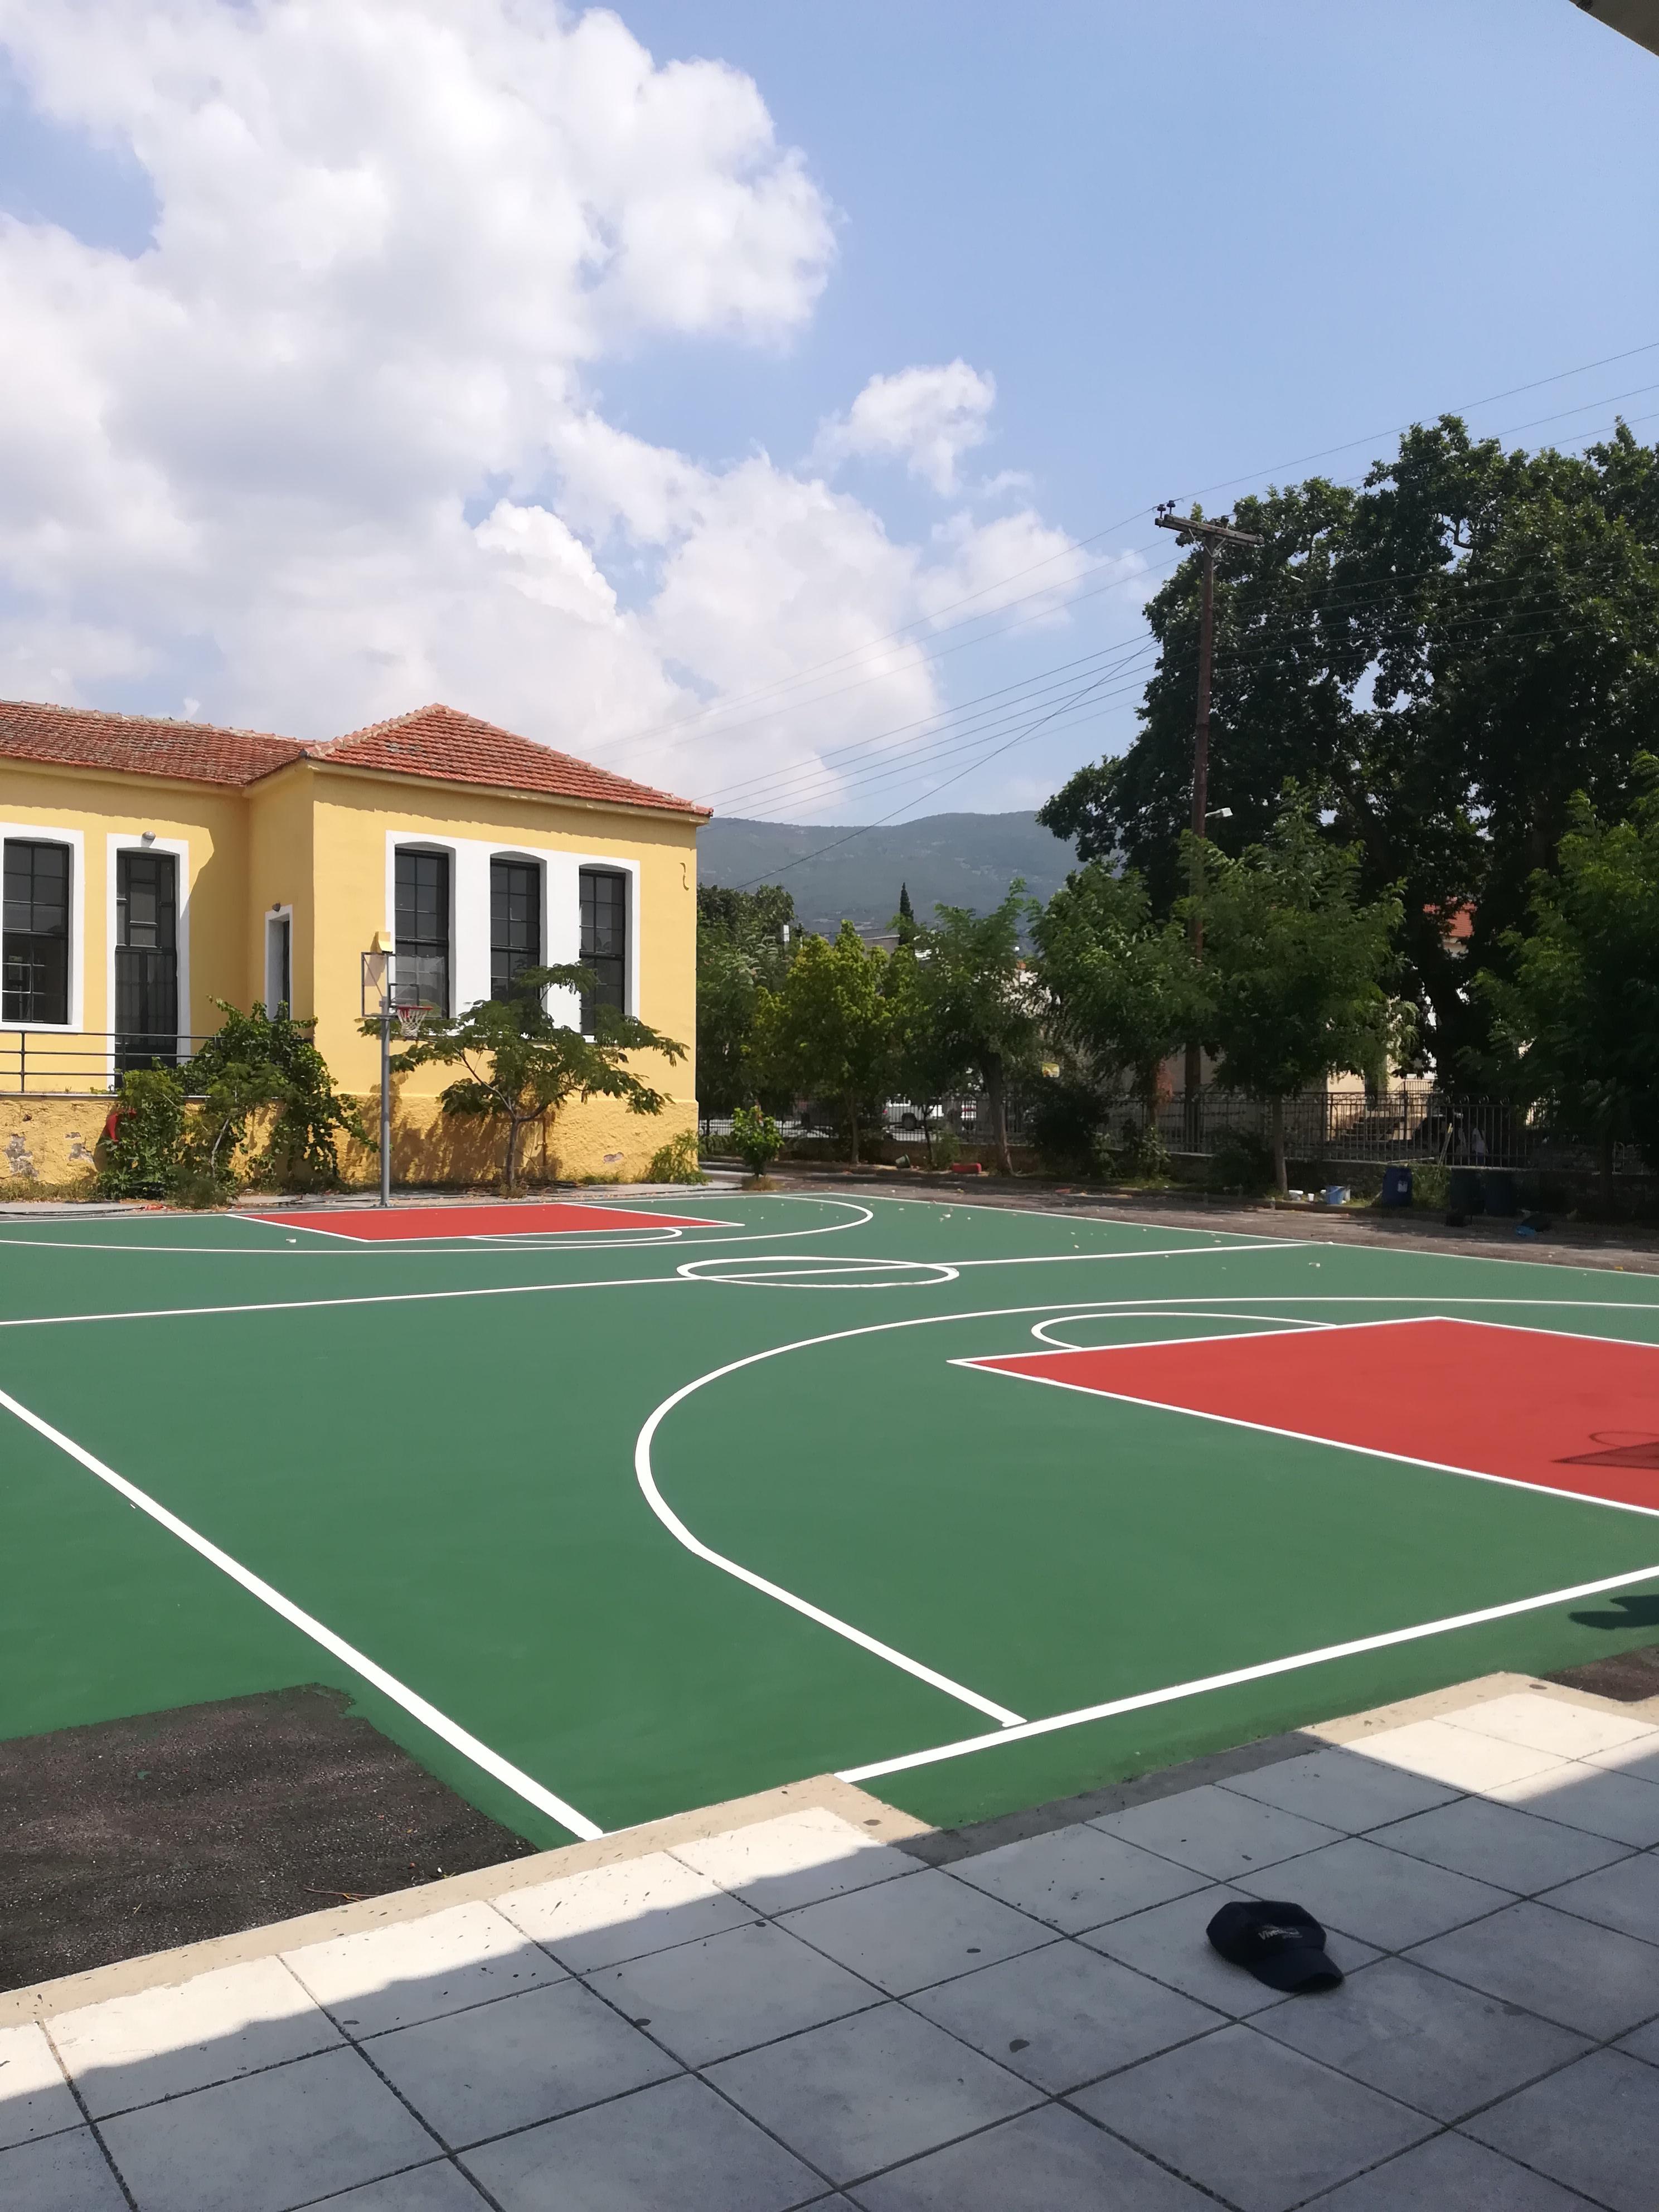 Κατασκευή γηπέδου μπάσκετ με ακρυλικά υλικά